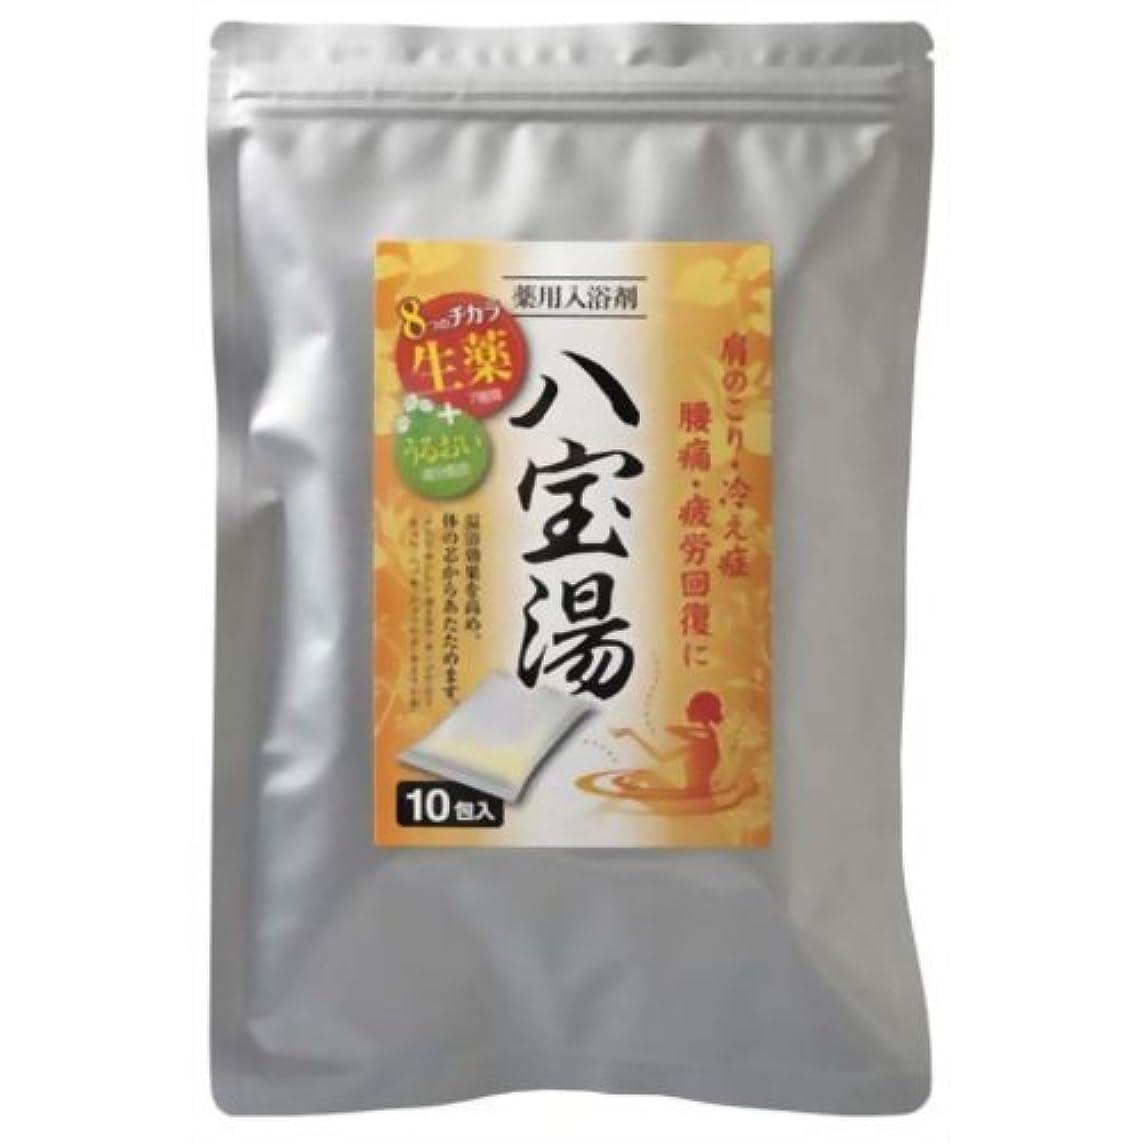 バトルチロ薬用入浴剤 八宝湯 カモミールの香り 10包 [医薬部外品]